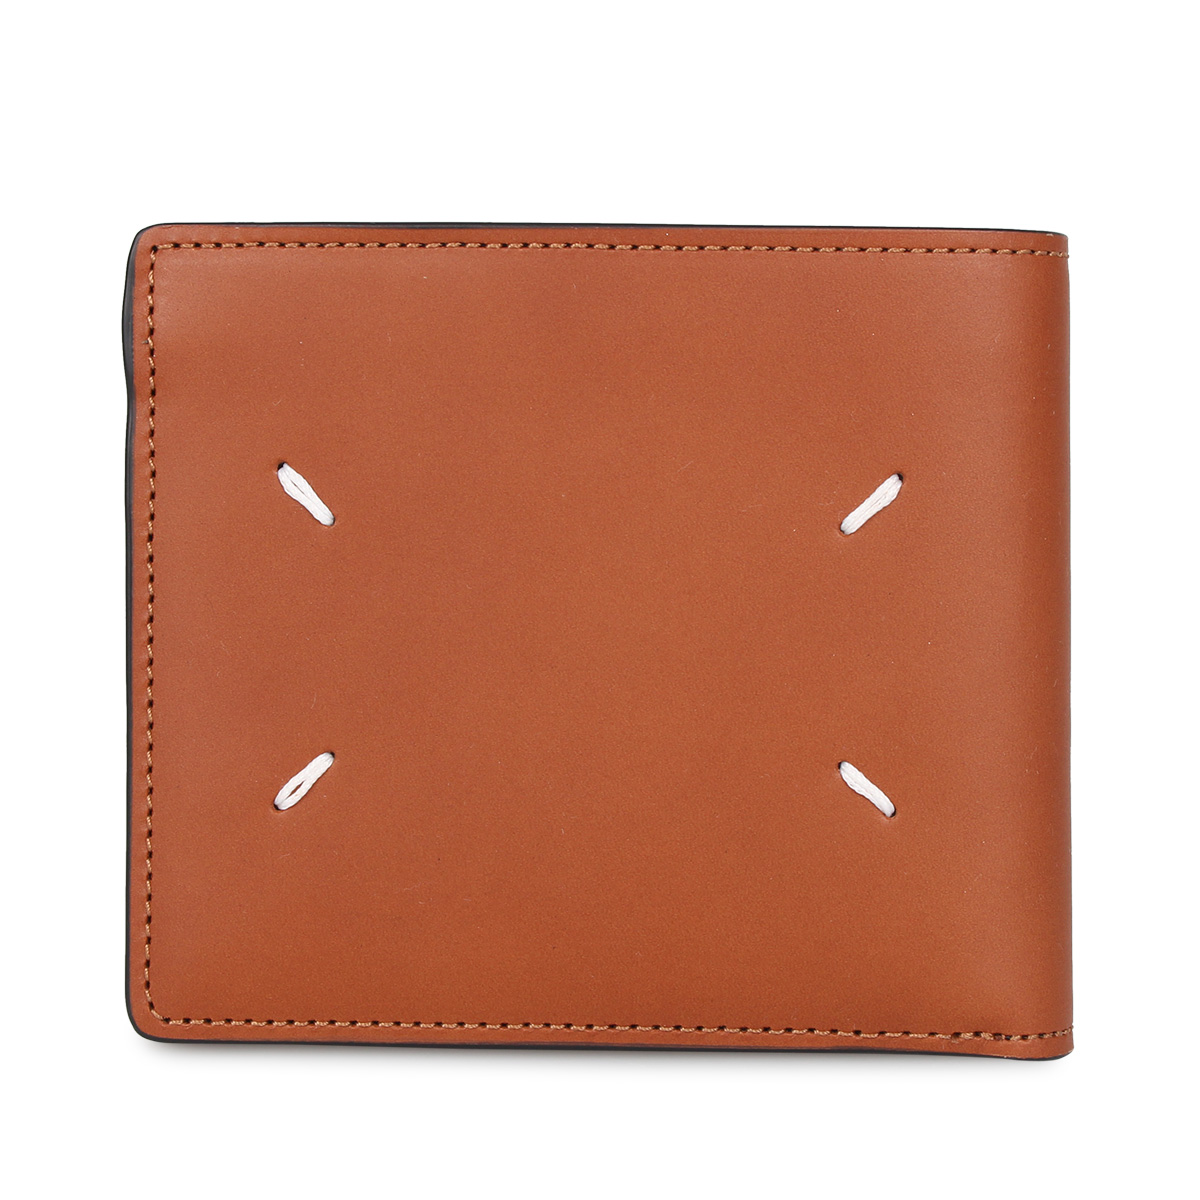 MAISON MARGIELA WALLET メゾンマルジェラ 財布 二つ折り メンズ レディース ブラウン S55UI0205-T2262